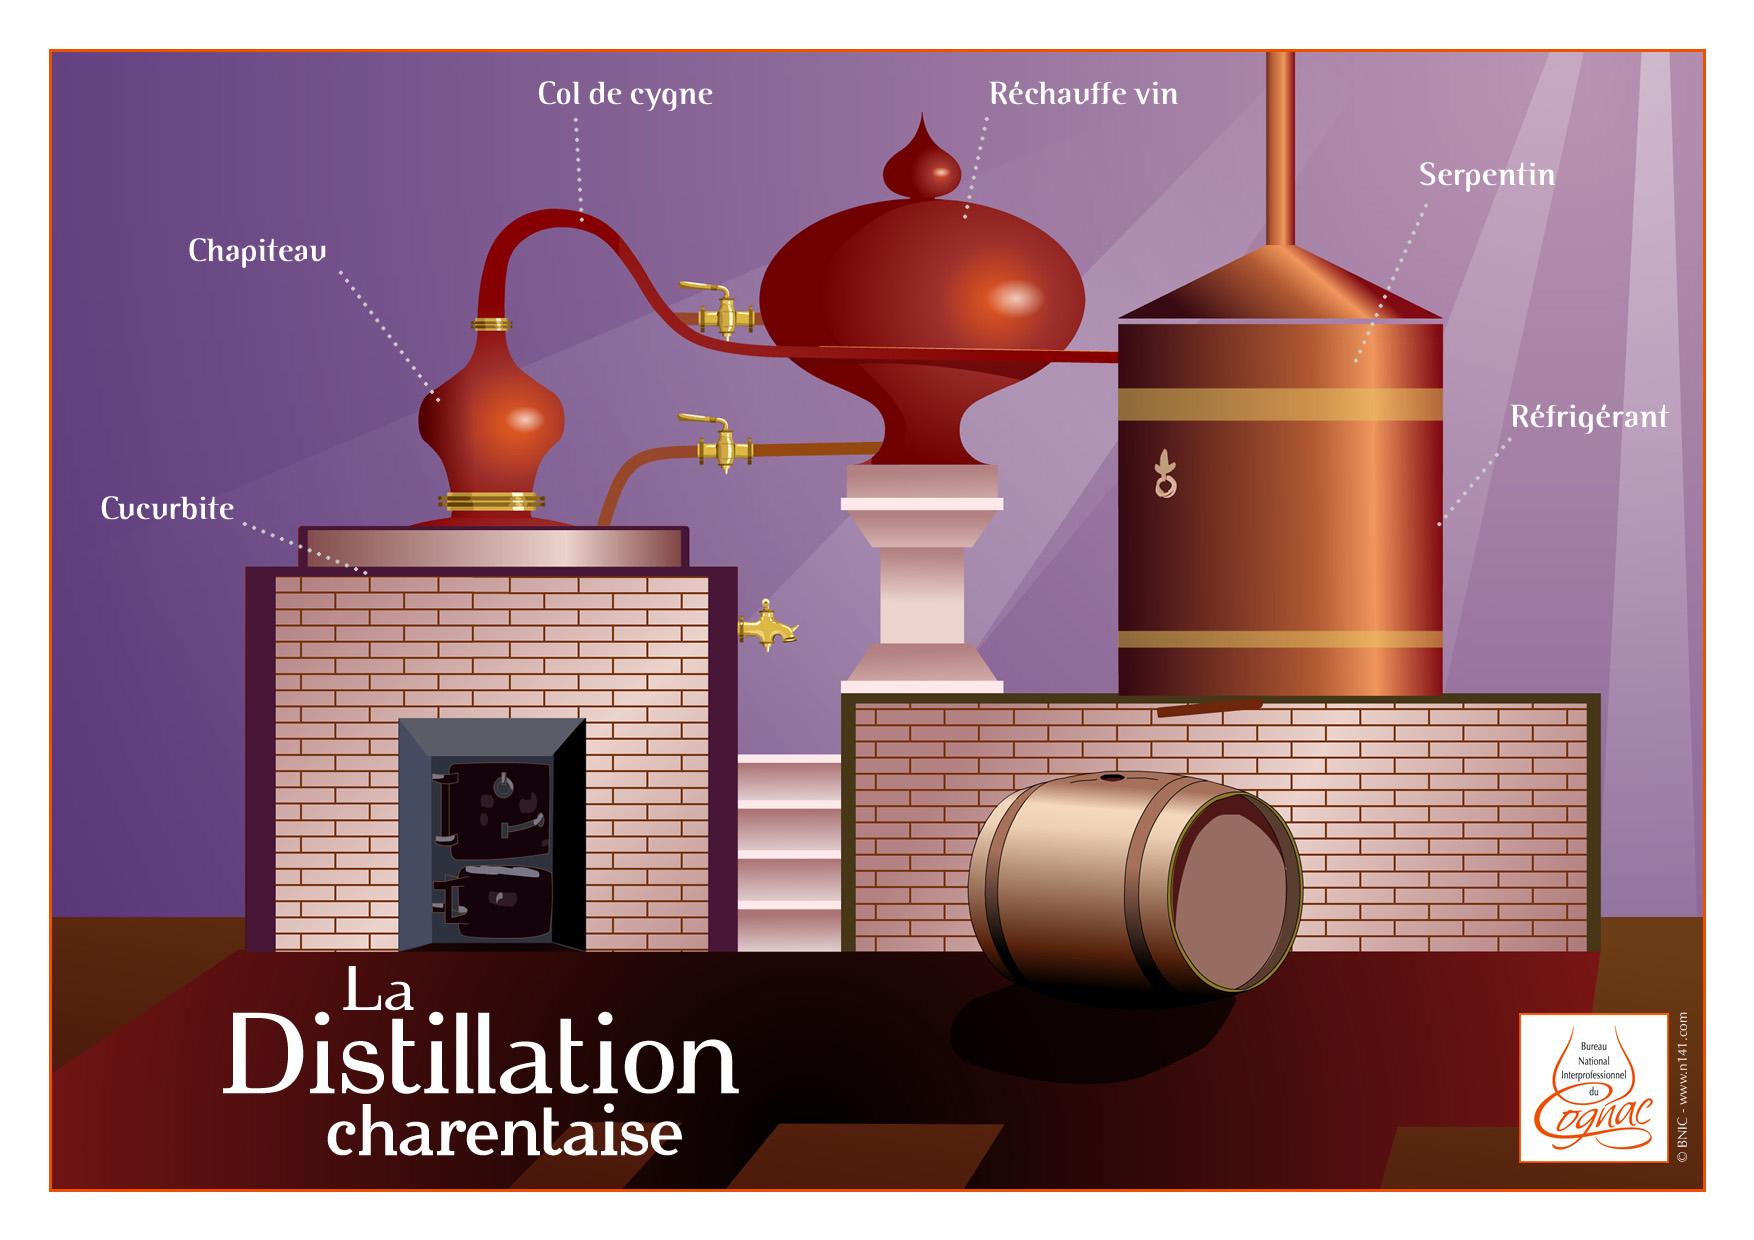 La double distillation charentaise